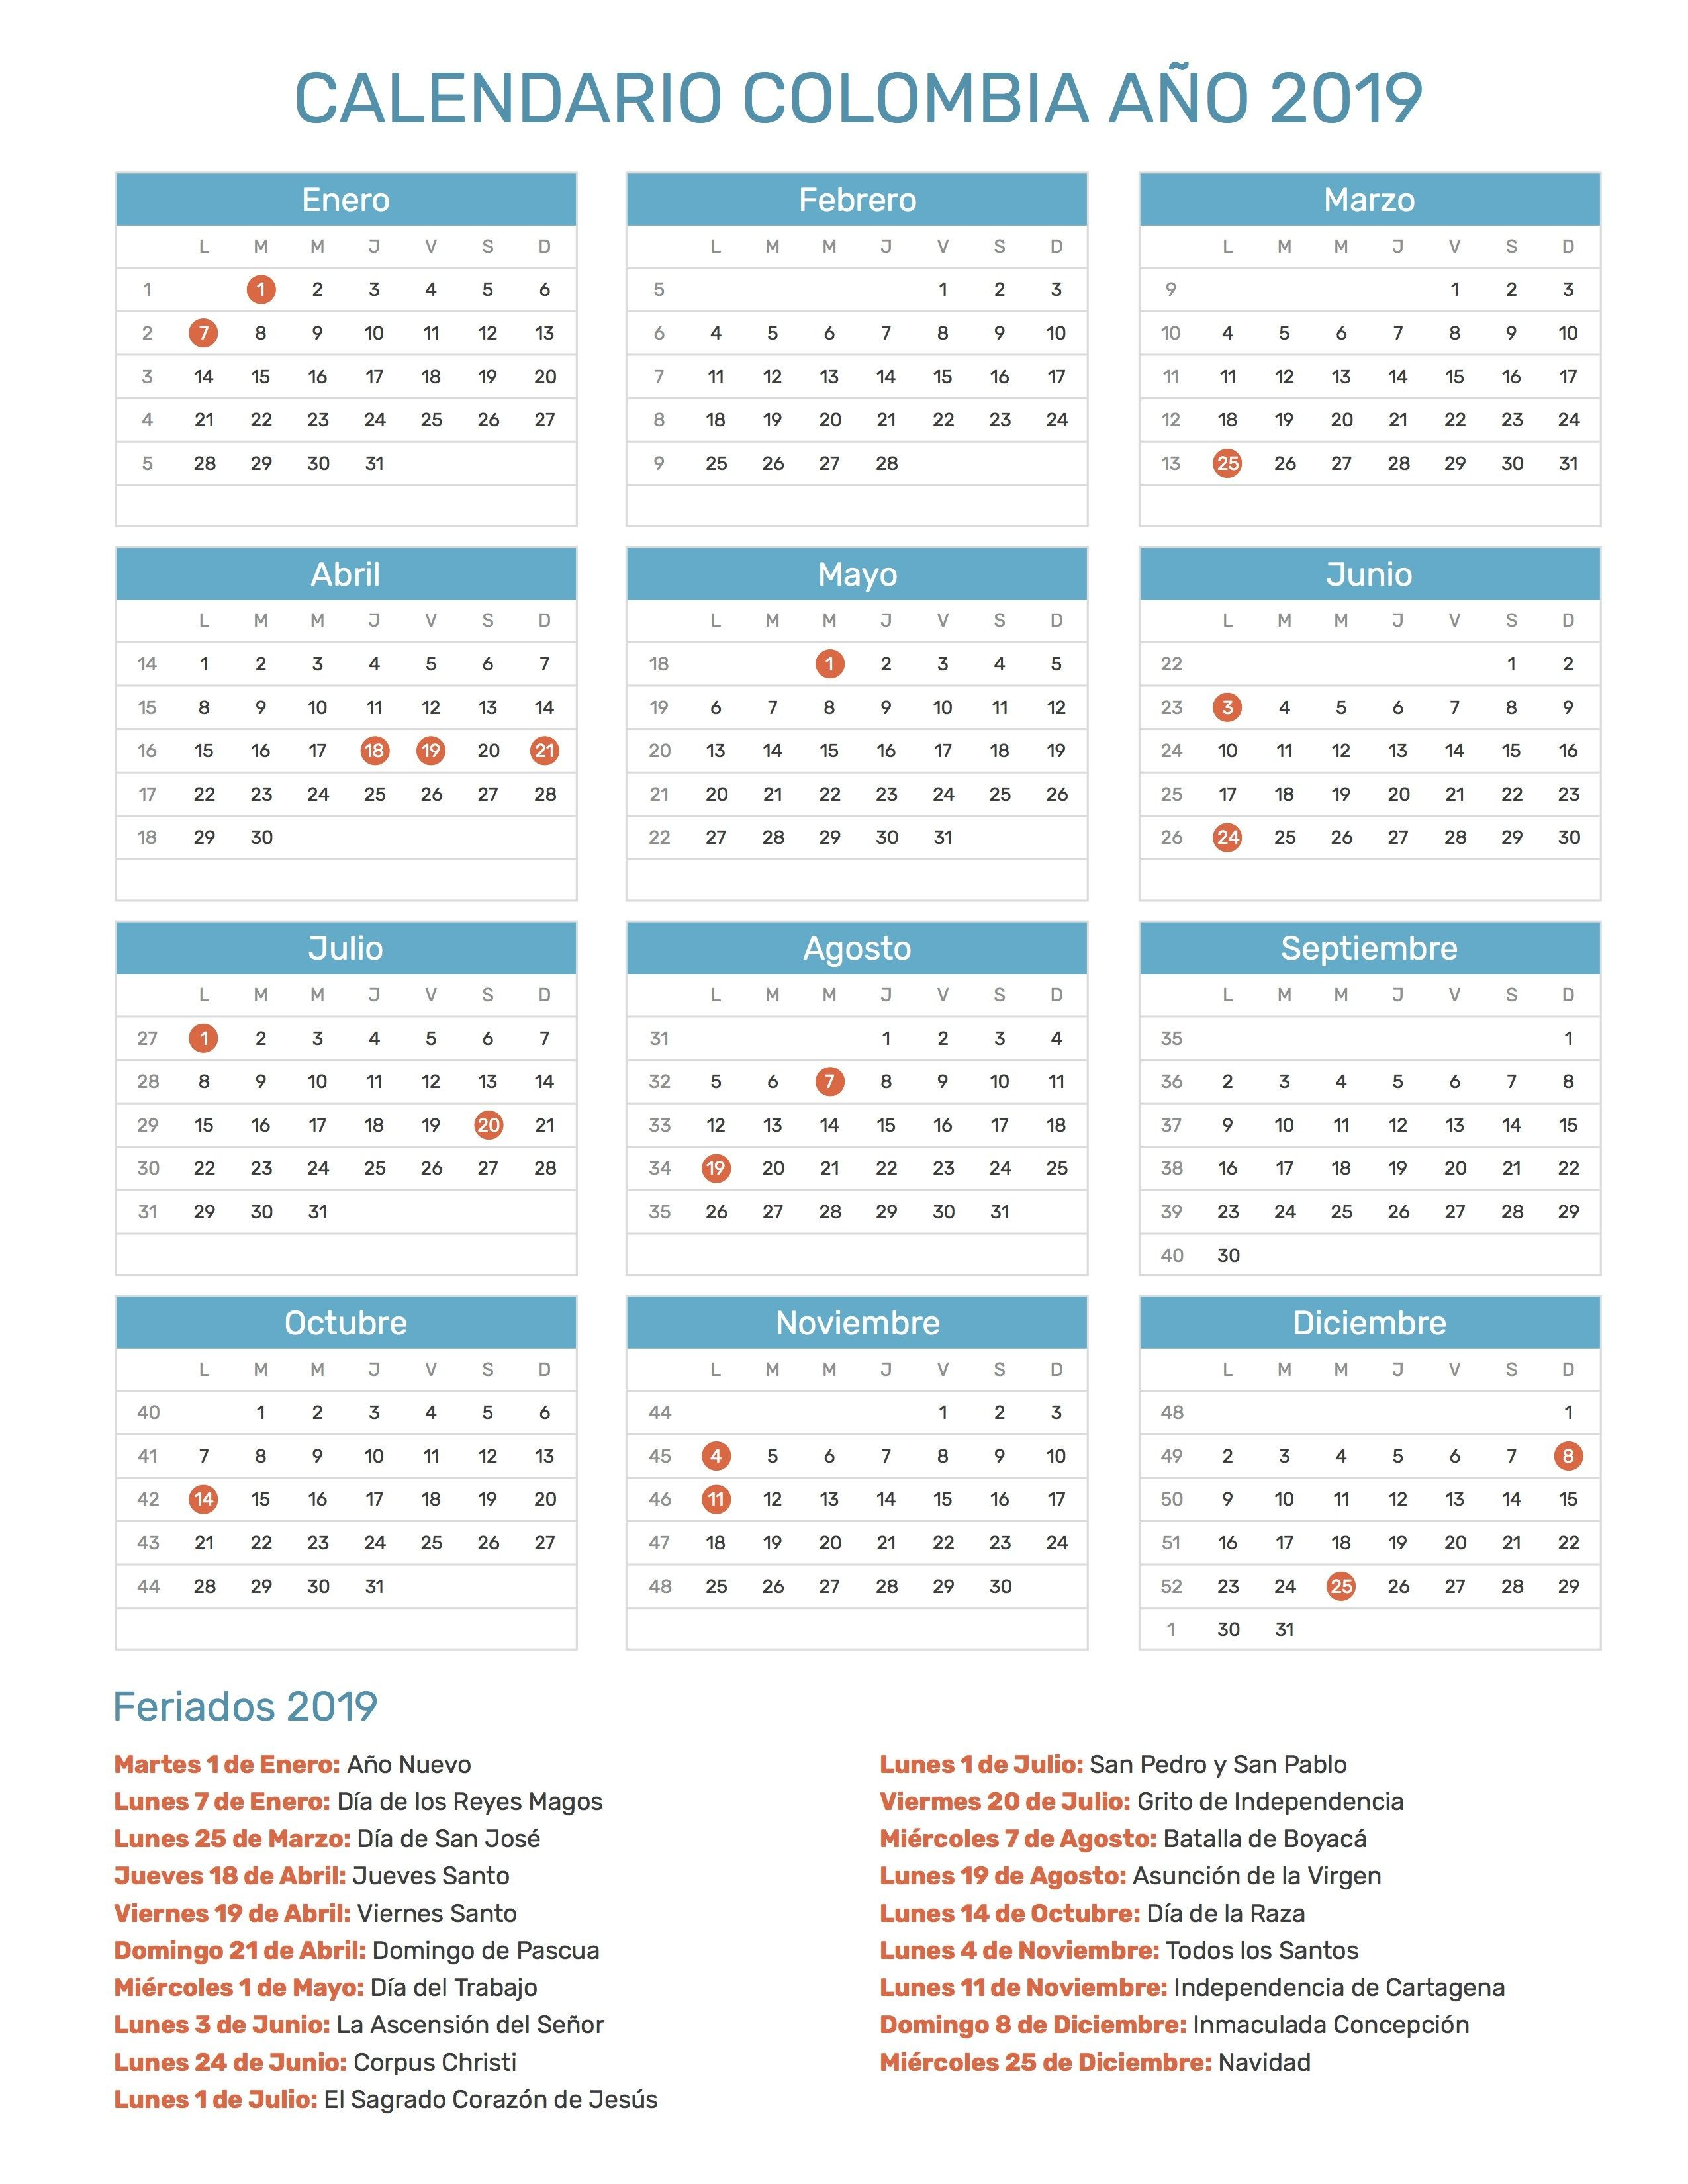 Pin de Calendario Hispano en Calendario con feriados a±o 2019